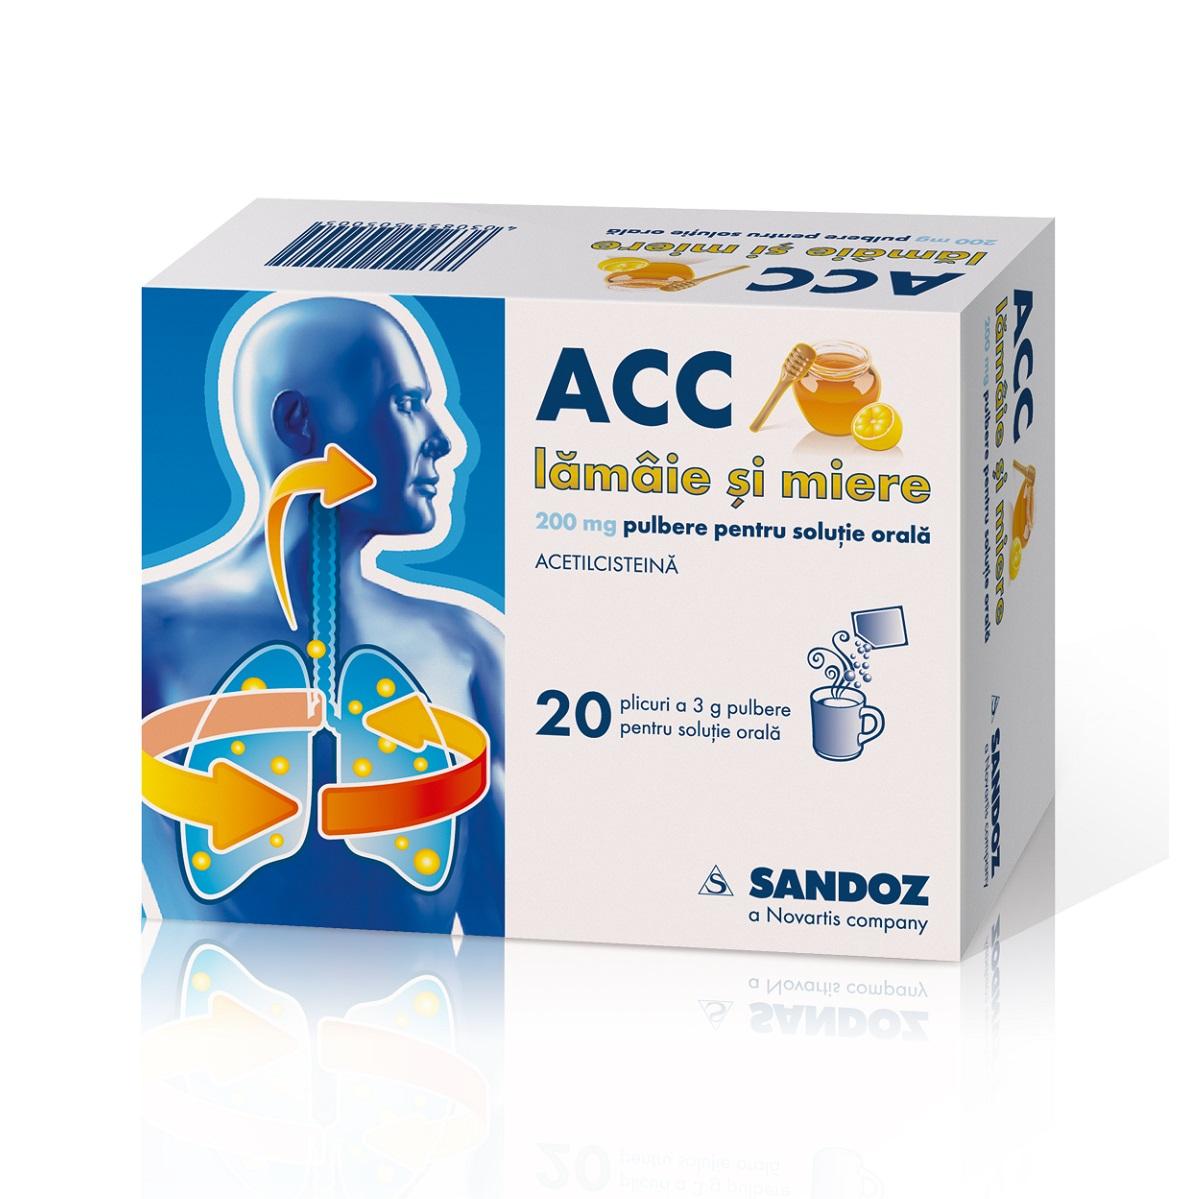 ACC lămâie și miere 200 mg, 20 plicuri, Sandoz